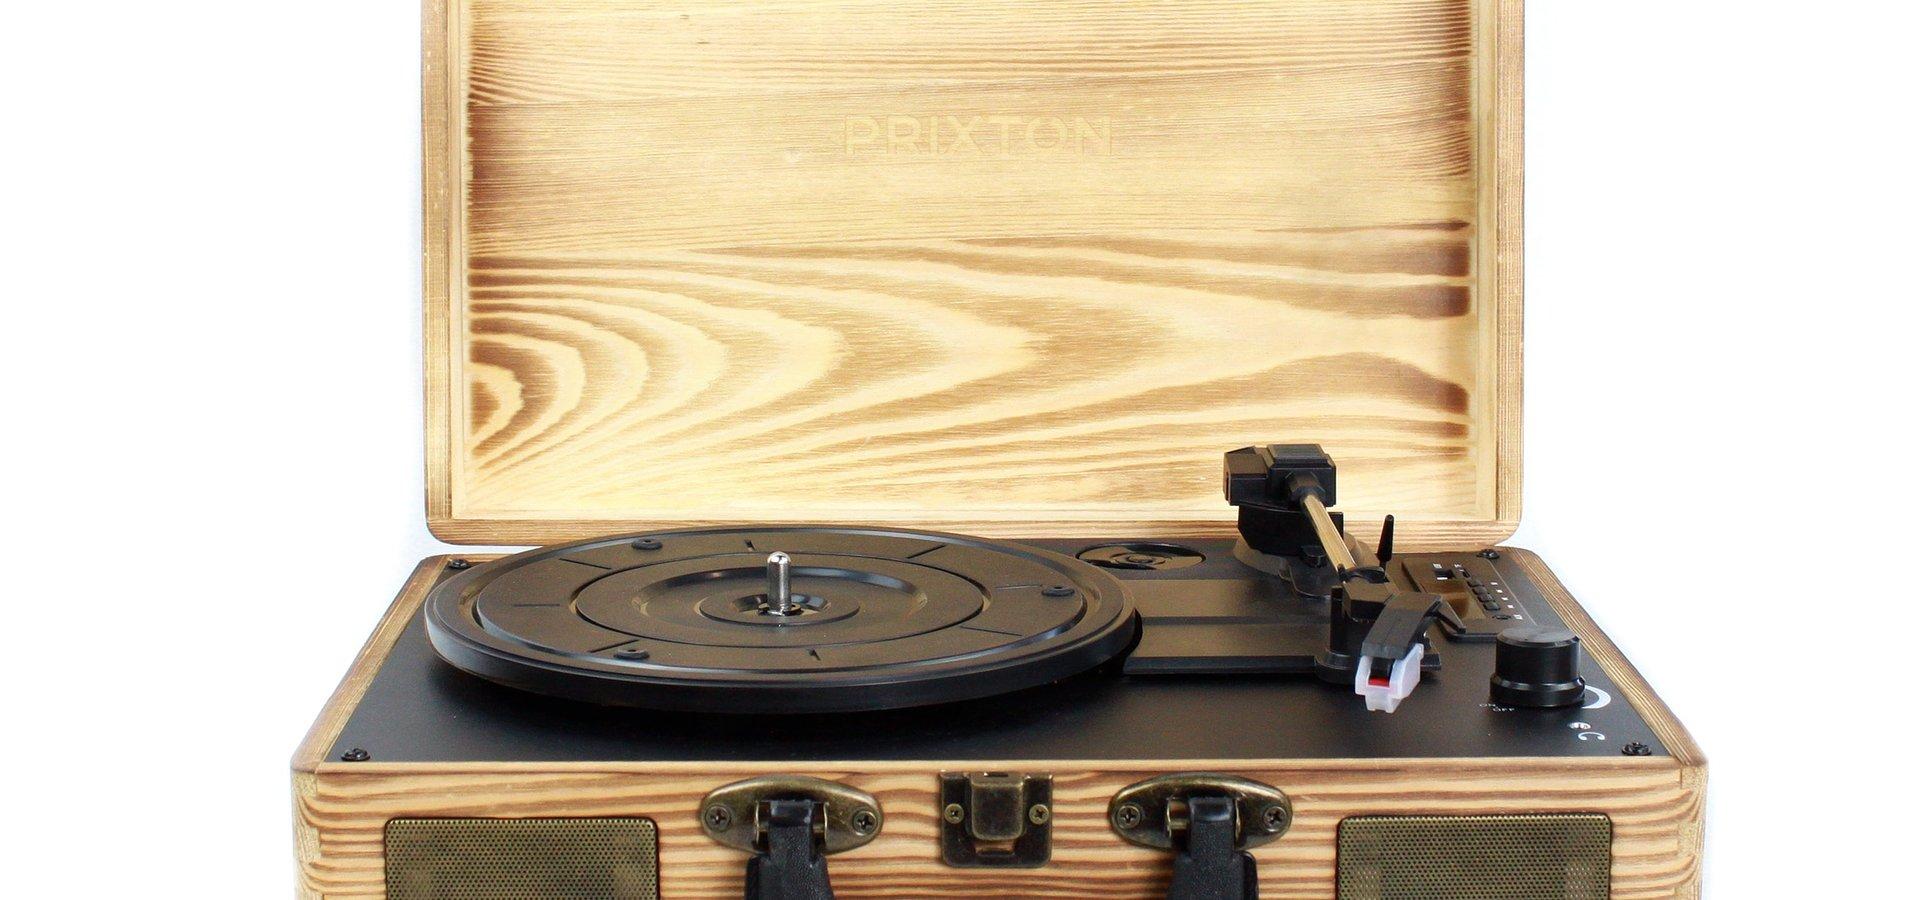 Este Natal oiça música num gira-discos vintage a um preço bombástico